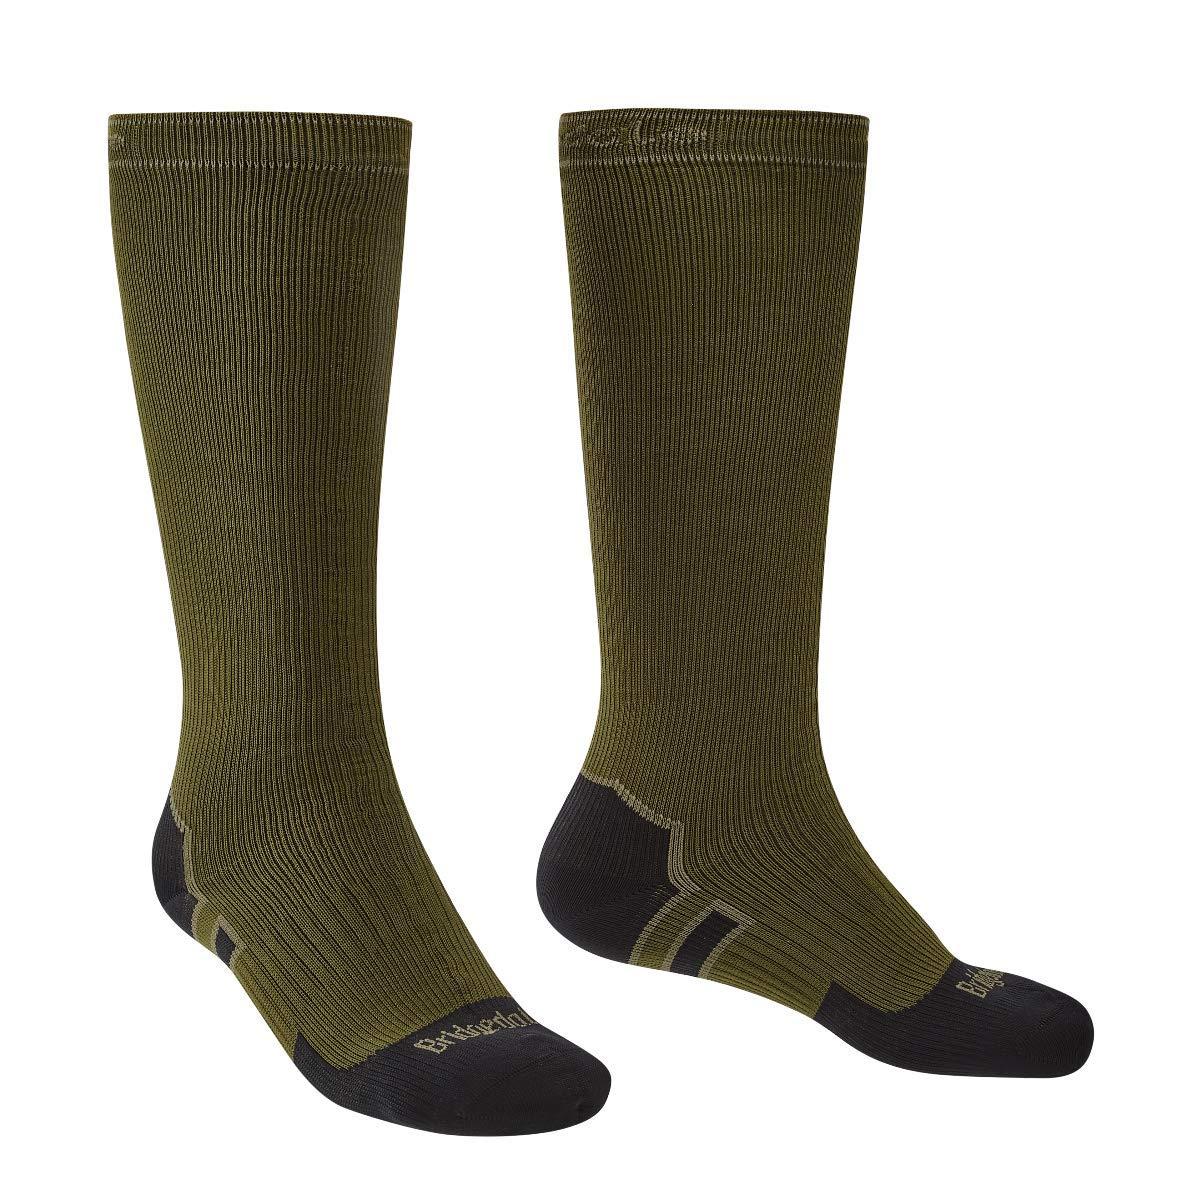 Bridgedale StormSock Heavyweight Knee Length Waterproof Sock, Olive/Black, M by Bridgedale